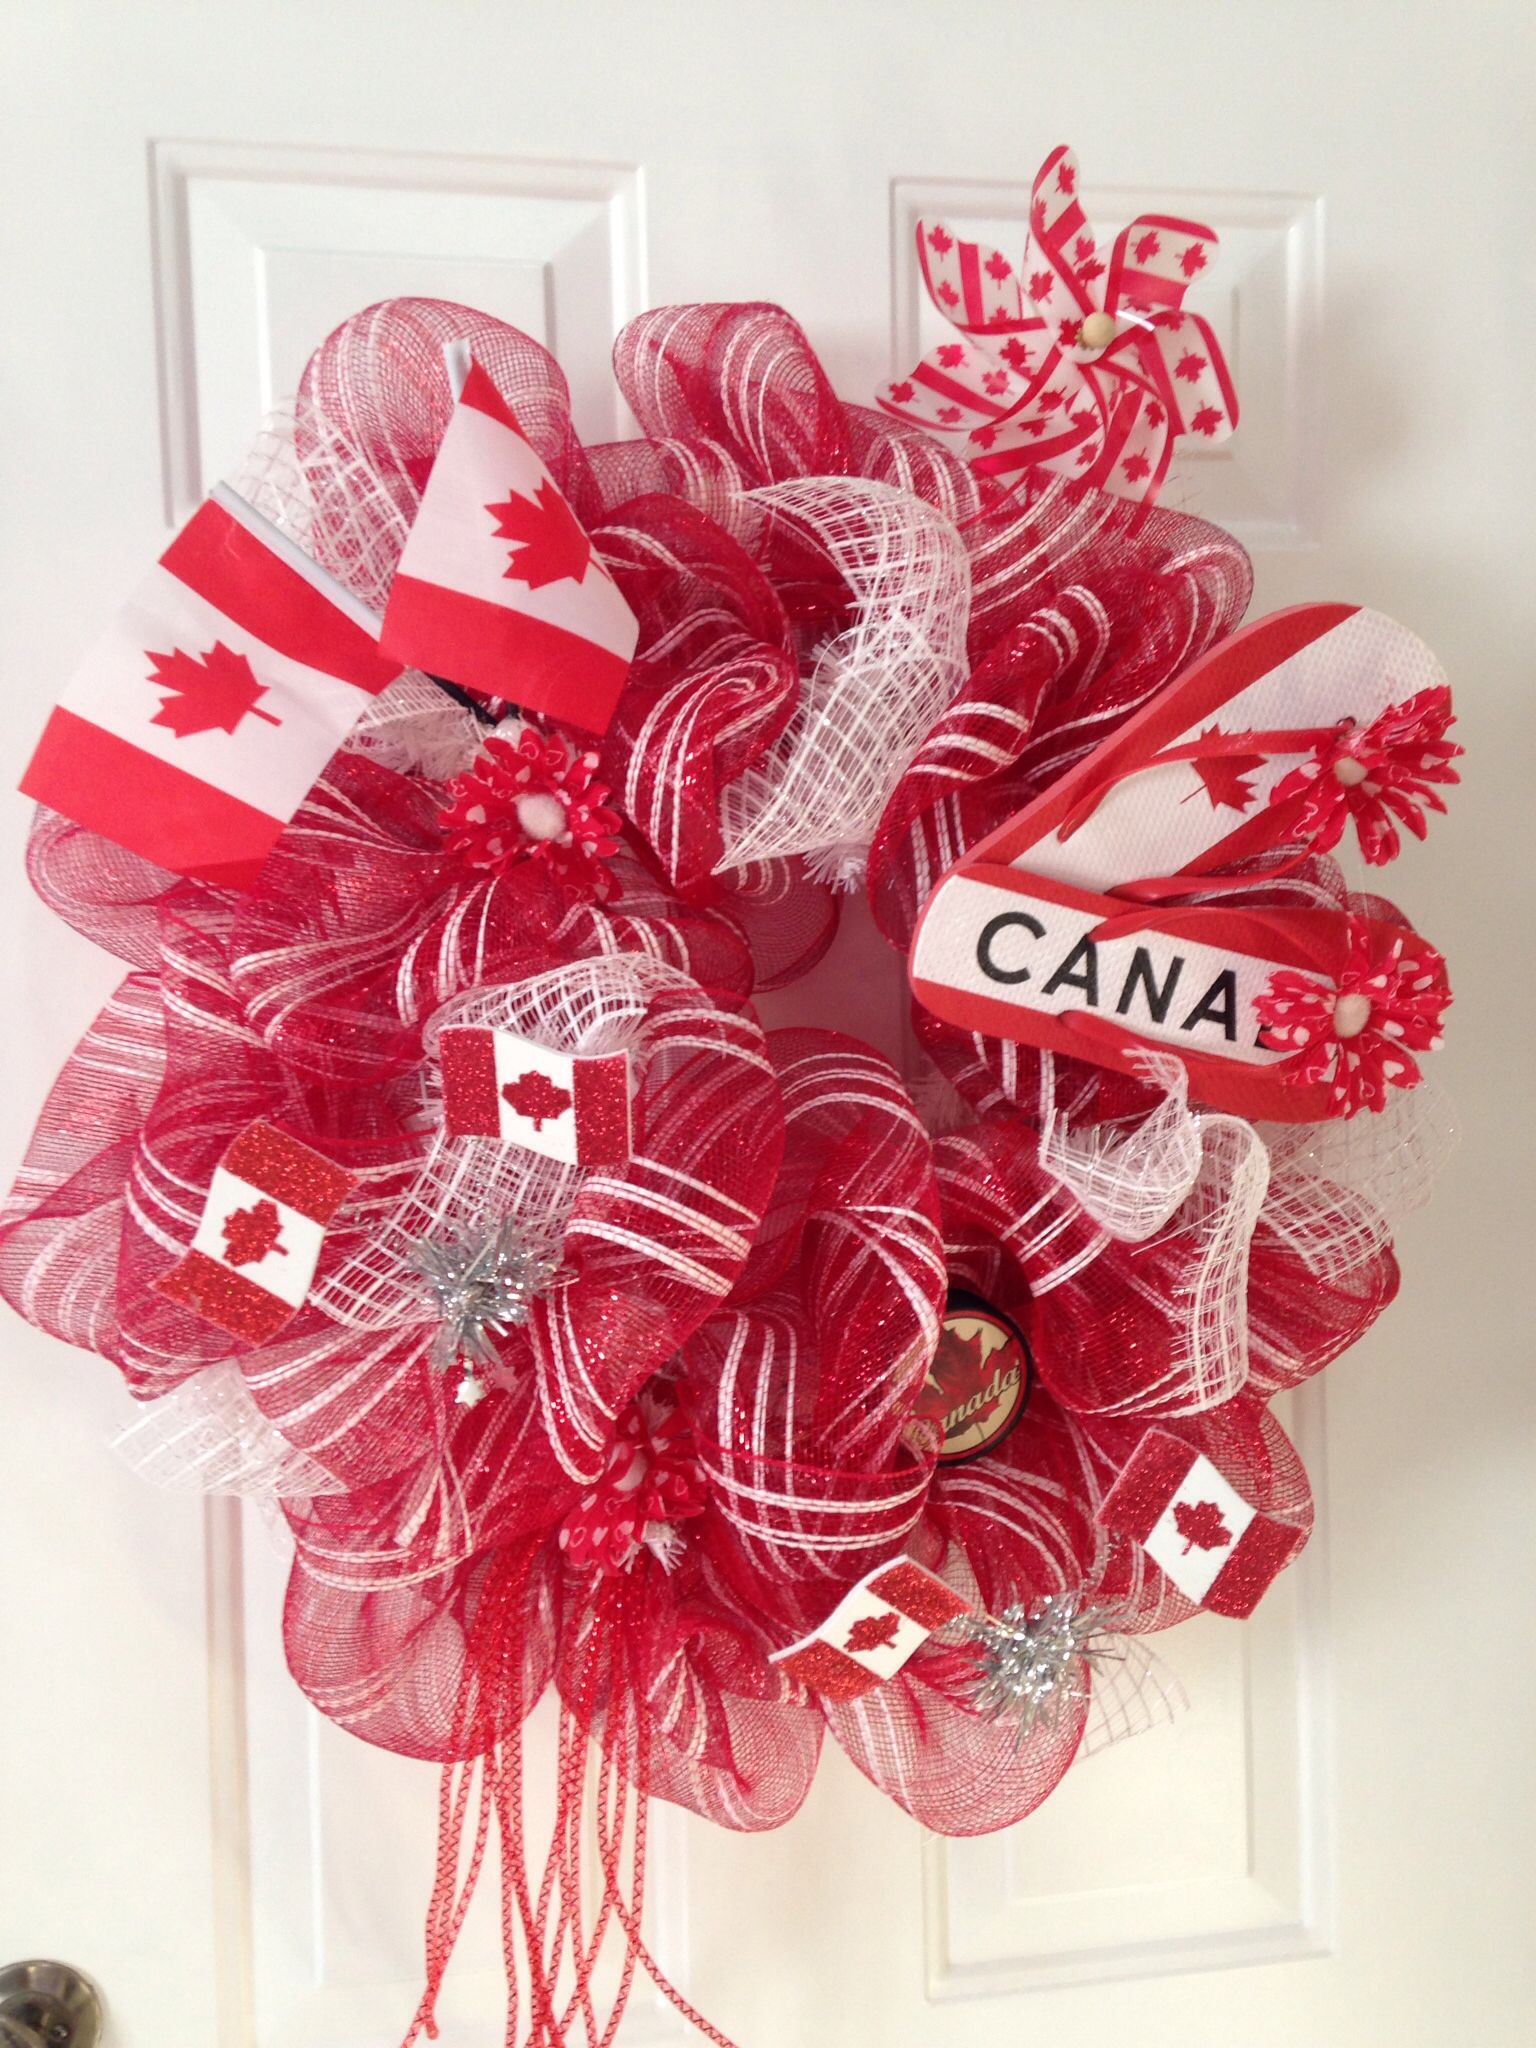 Canada day deco mesh wreath Canada day crafts, Canada